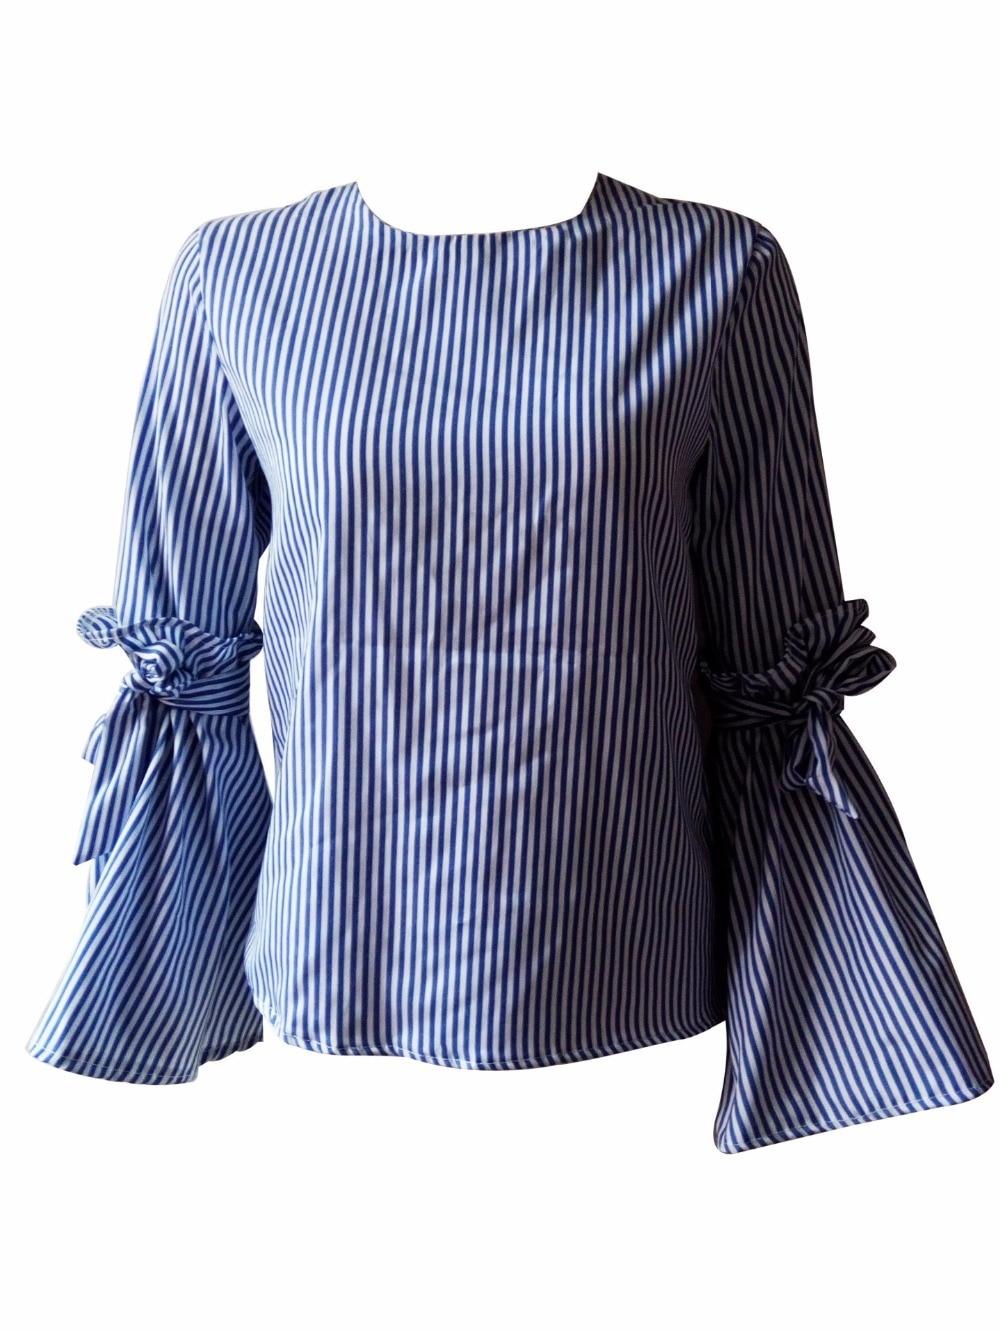 ddf8eb457c De Europa Primavera Slim Woherb Mujeres Corto Rayas Las Encaje Blusas Blusa  Blanco Color 73816 Nuevas ...